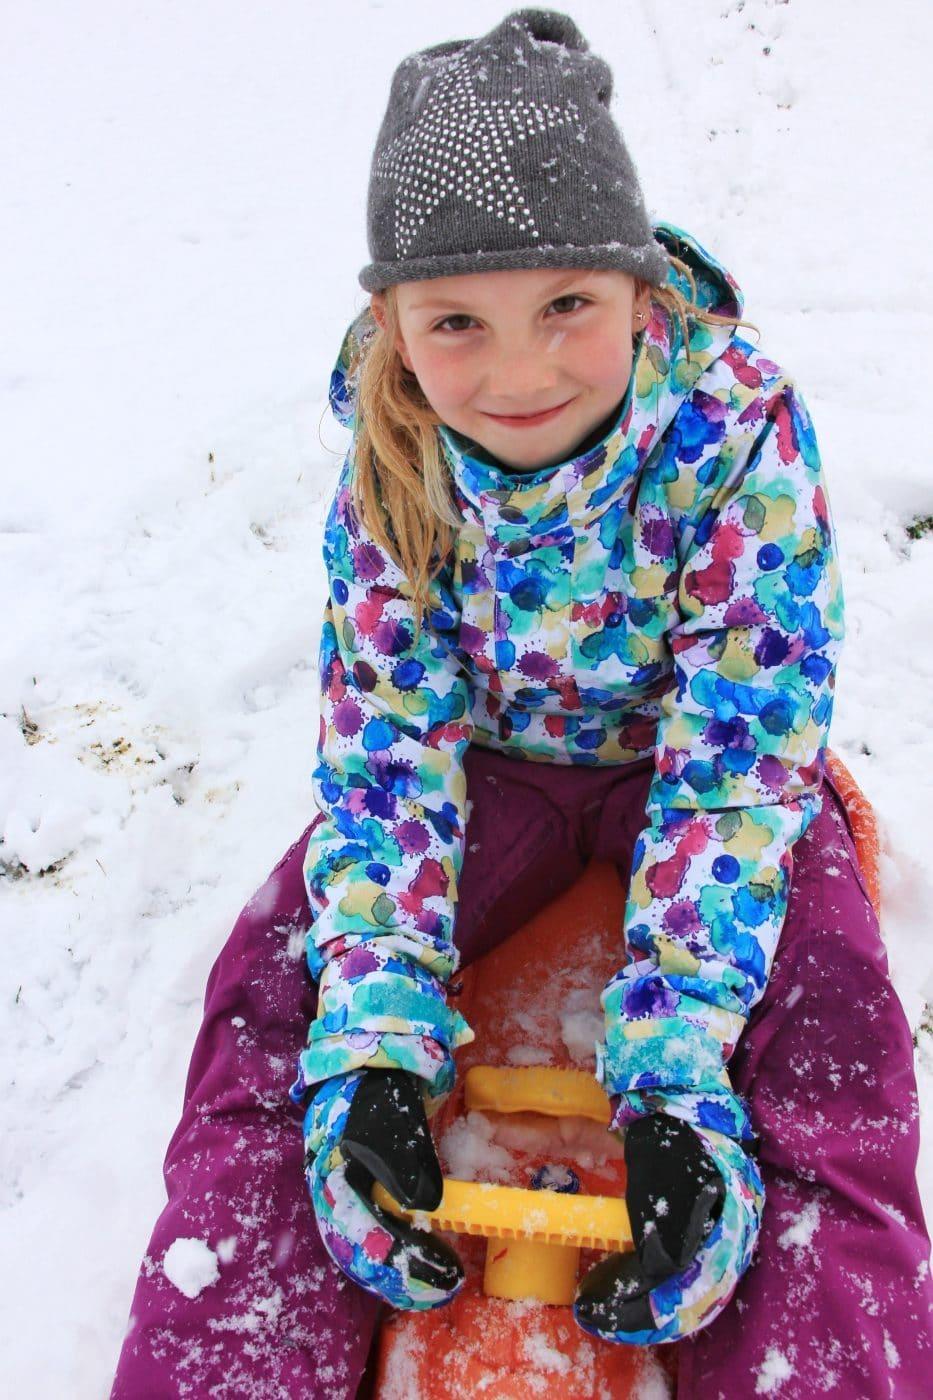 strahlende Kinderaugen im Schnee